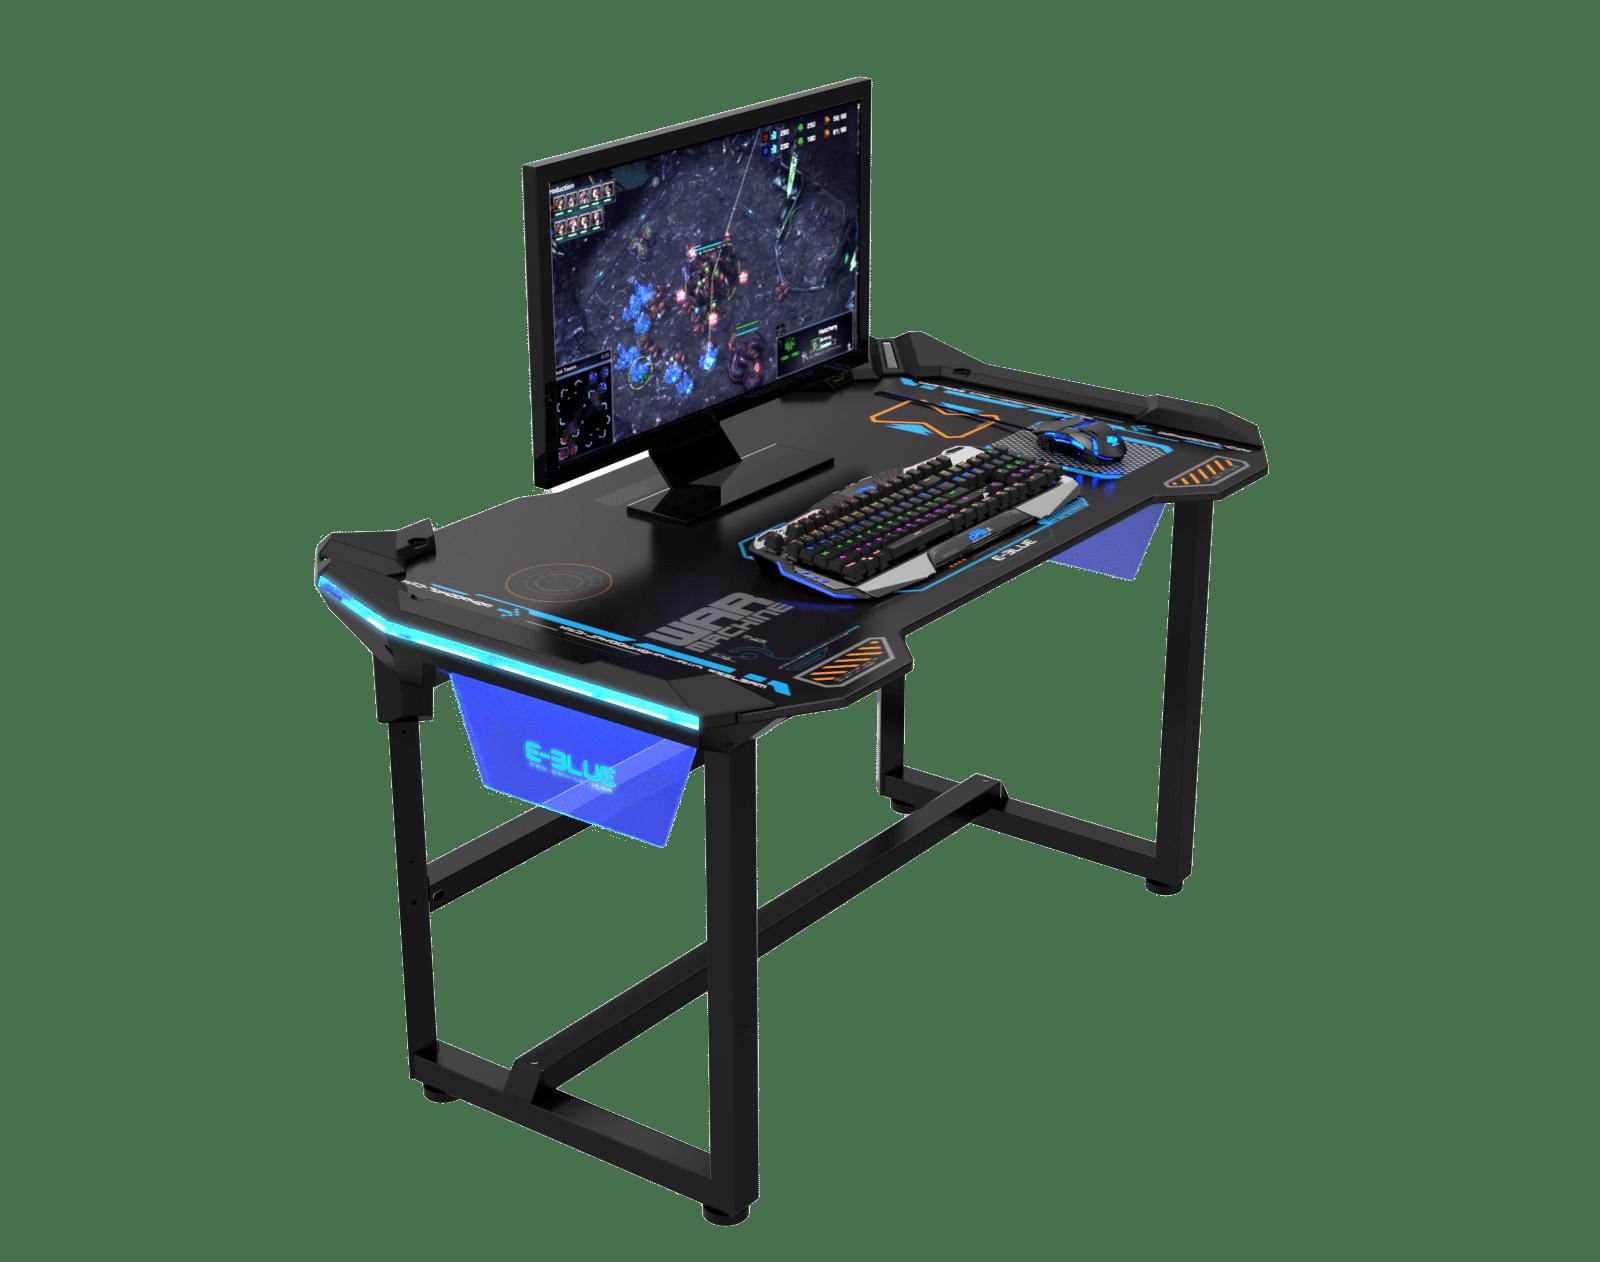 Table de Jeu ESPORT LED connect  Retroclaire EBLUE